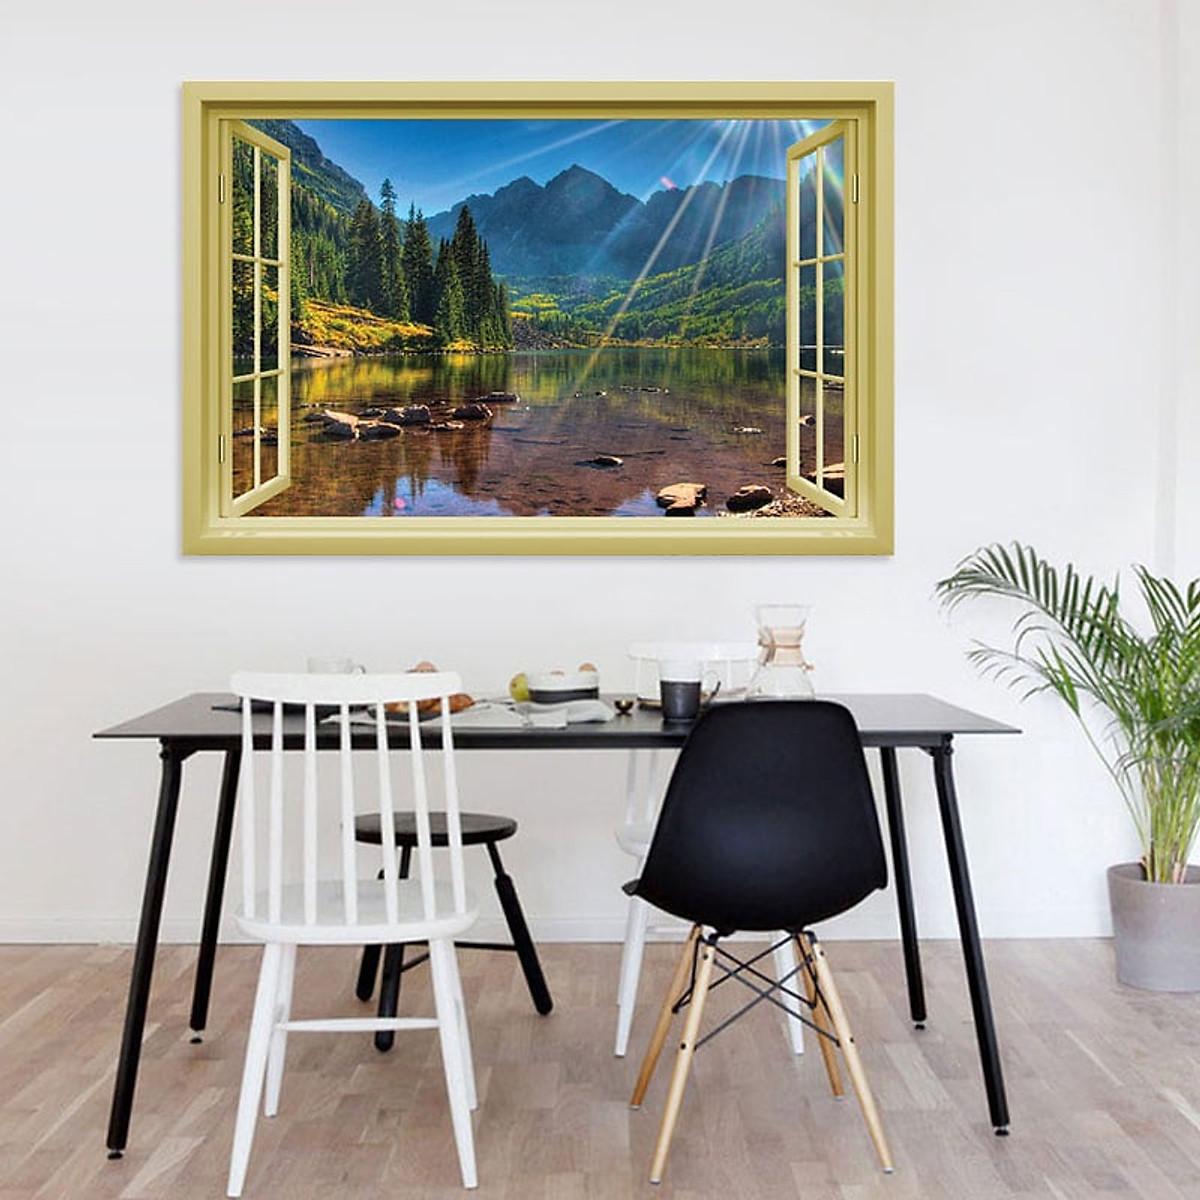 Decal cửa sổ  Cánh rừng và hồ nước châu Âu WD119 | Decal dán tường PVC cao cấp - 2